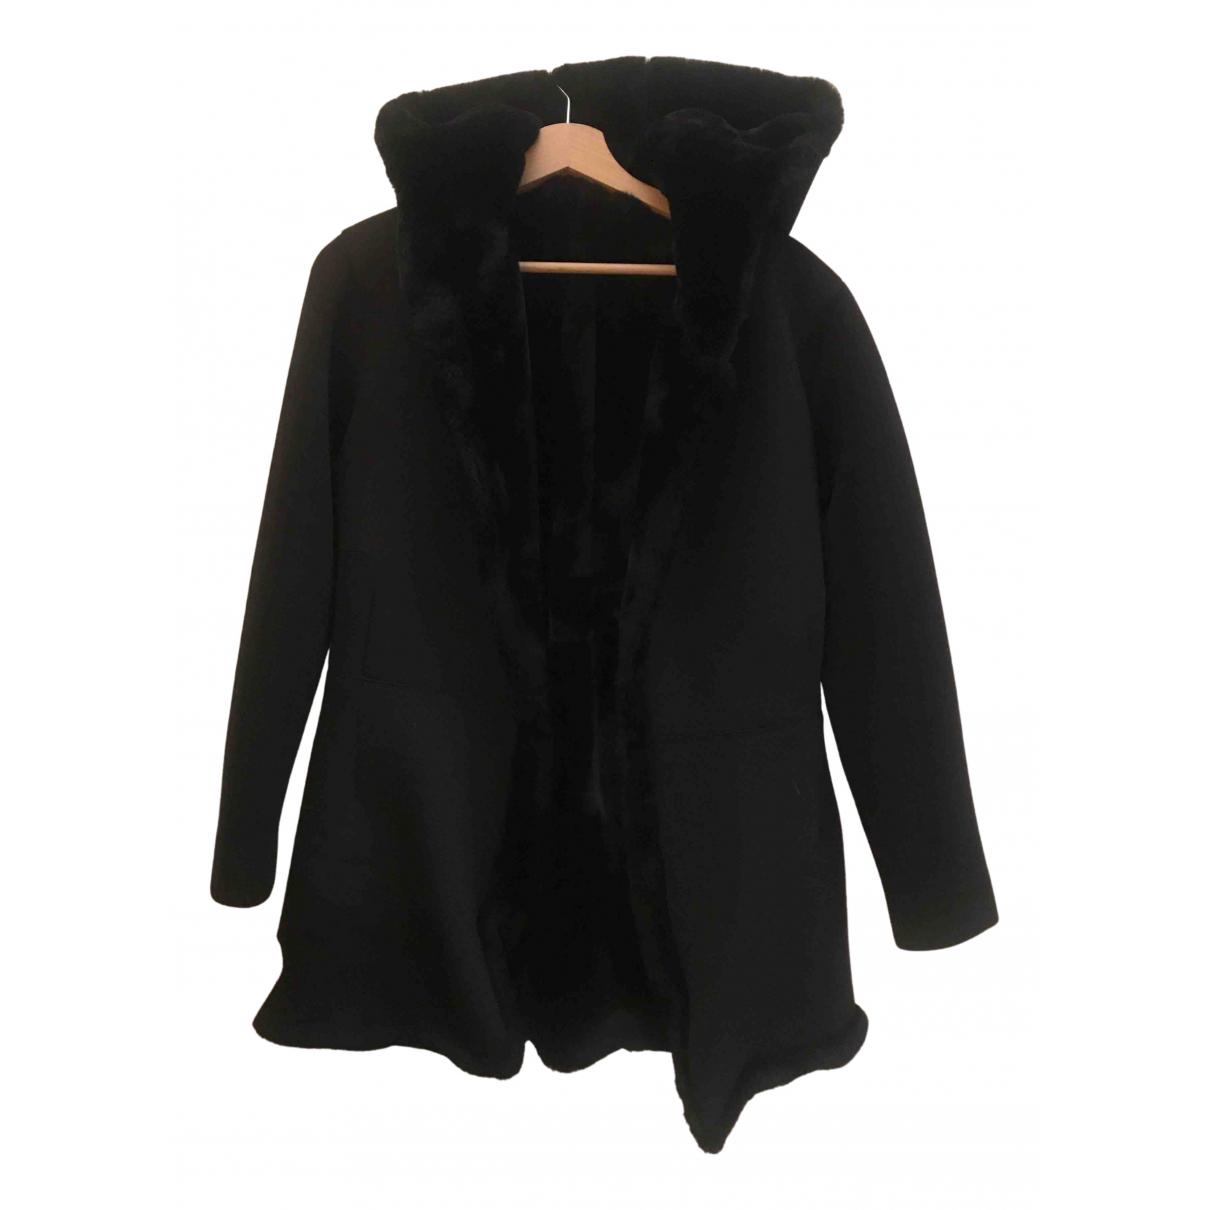 - Veste Epaulettes pour femme en fourrure synthetique - noir